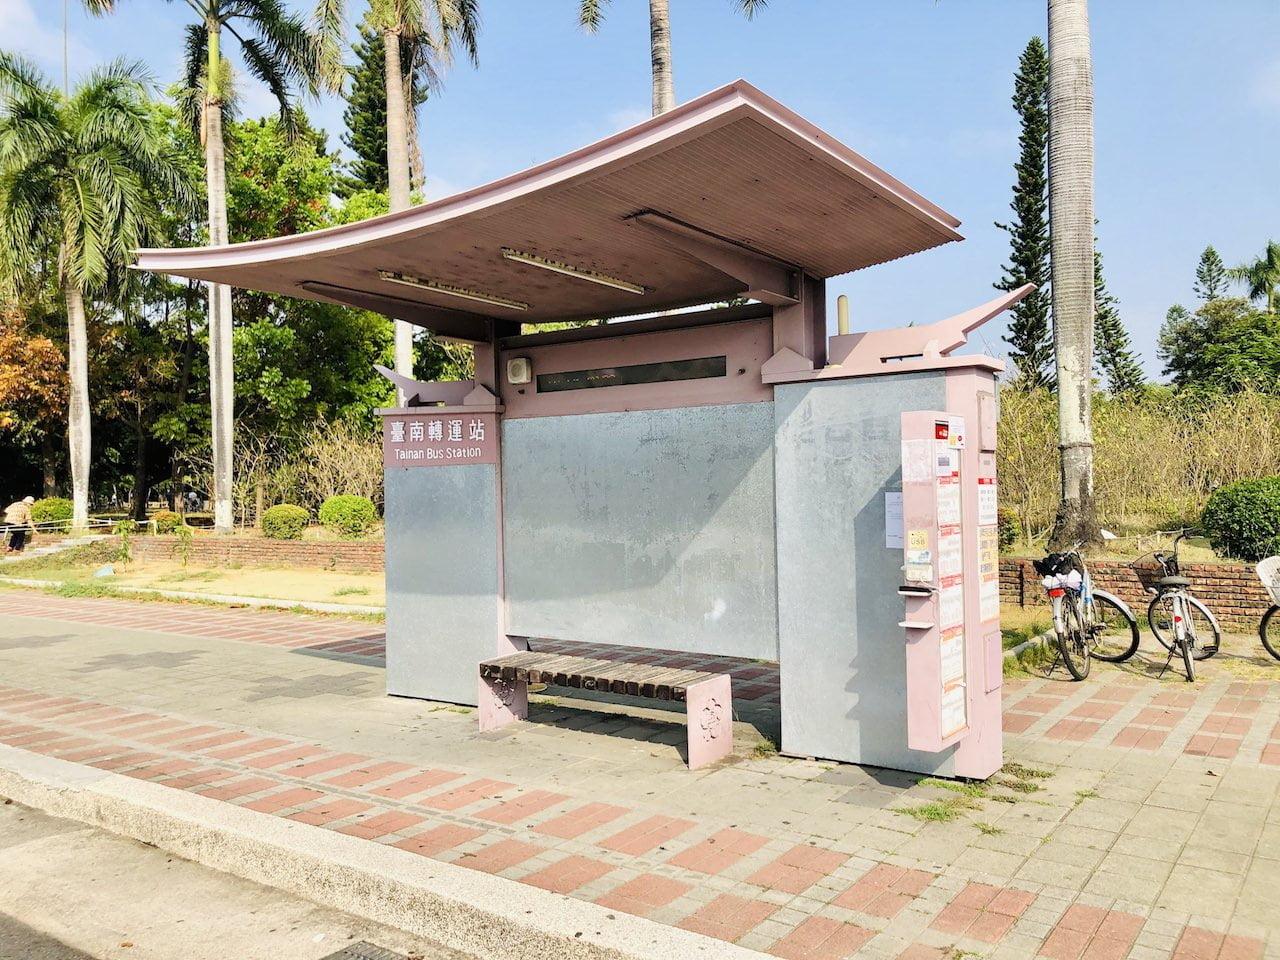 高雄空港の台南行きのバス乗り場のバス停